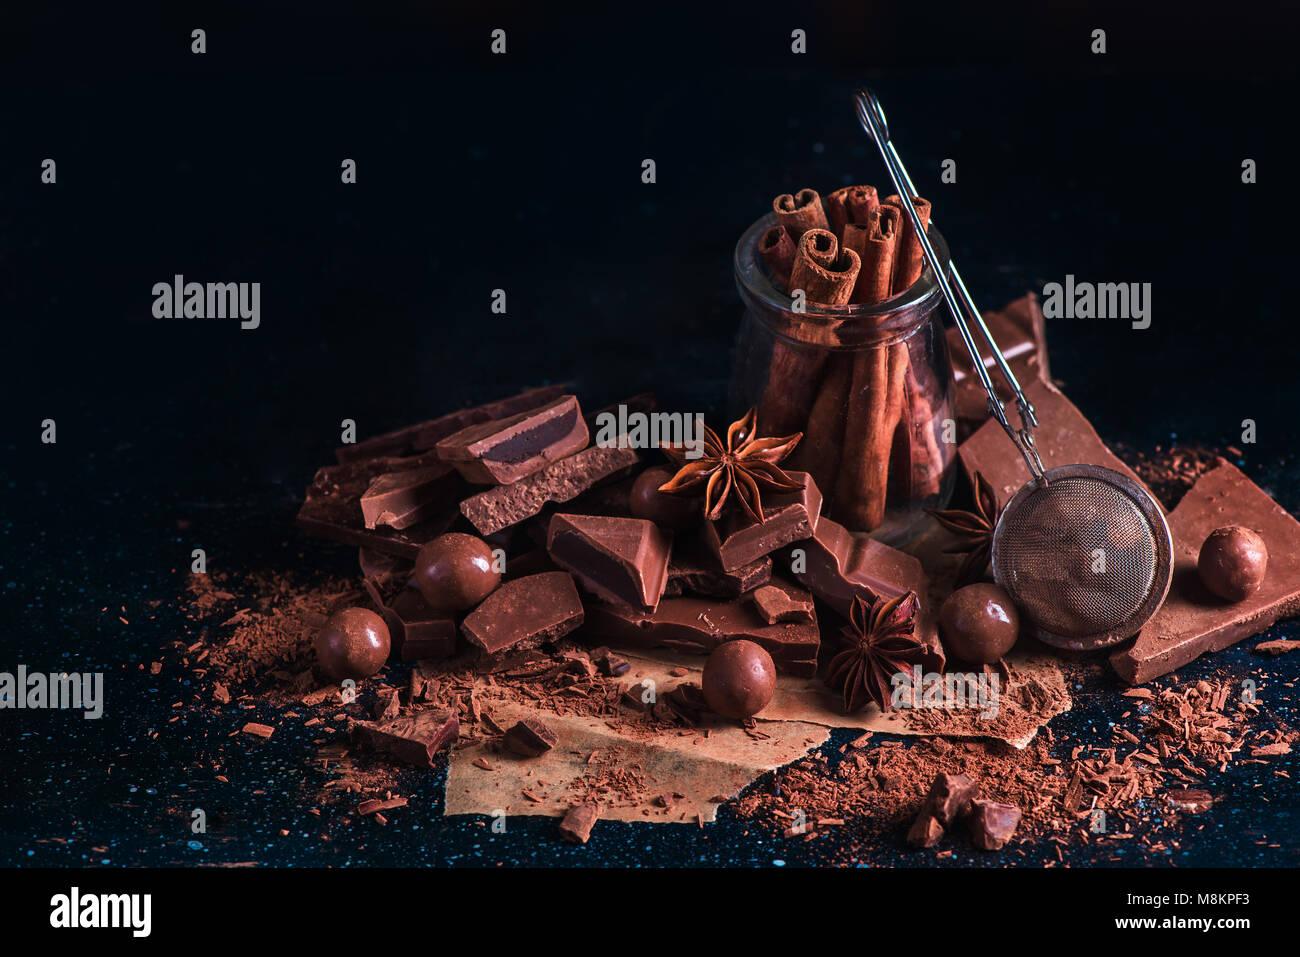 En-tête avec la cannelle dans un bocal en verre, de poudre de cacao et des morceaux épars de brisures de chocolat Banque D'Images